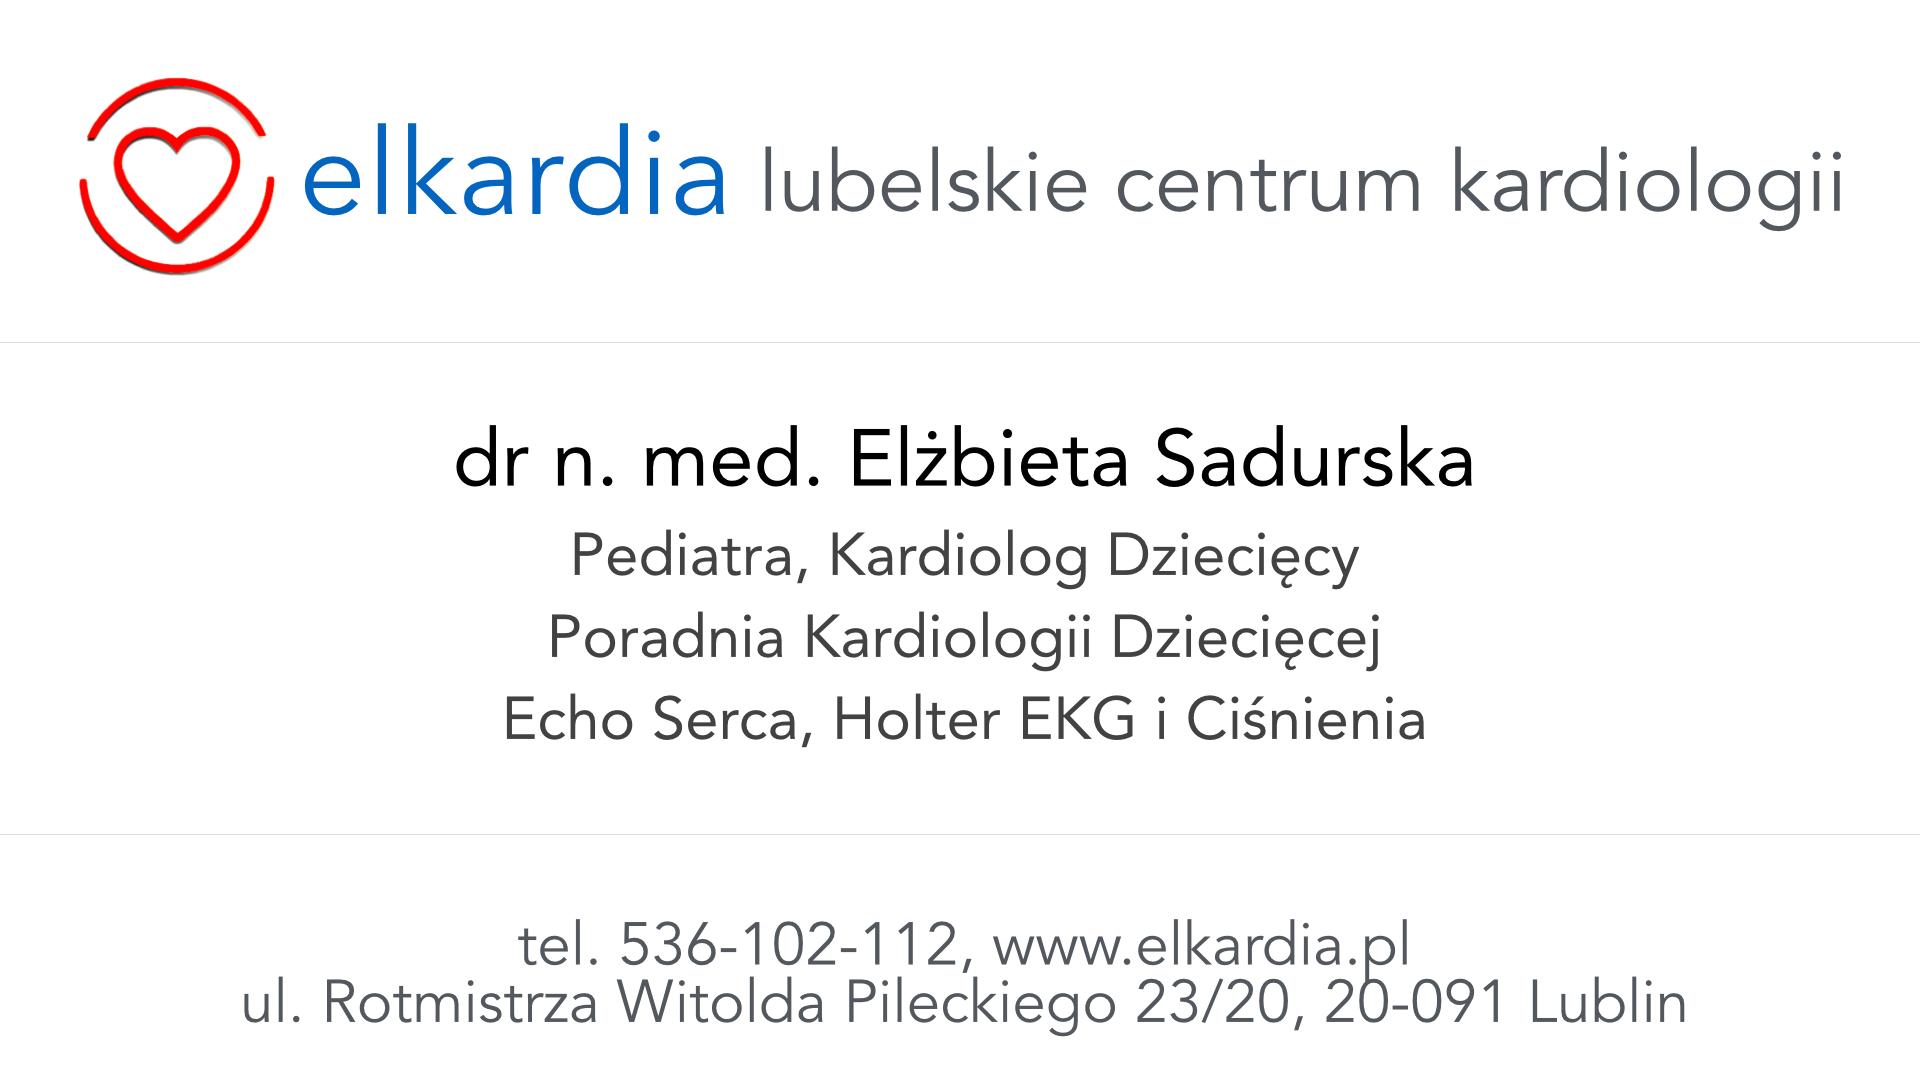 Dr Elżbieta Sadurska | Kardiolog Dziecięcy w Lublinie|